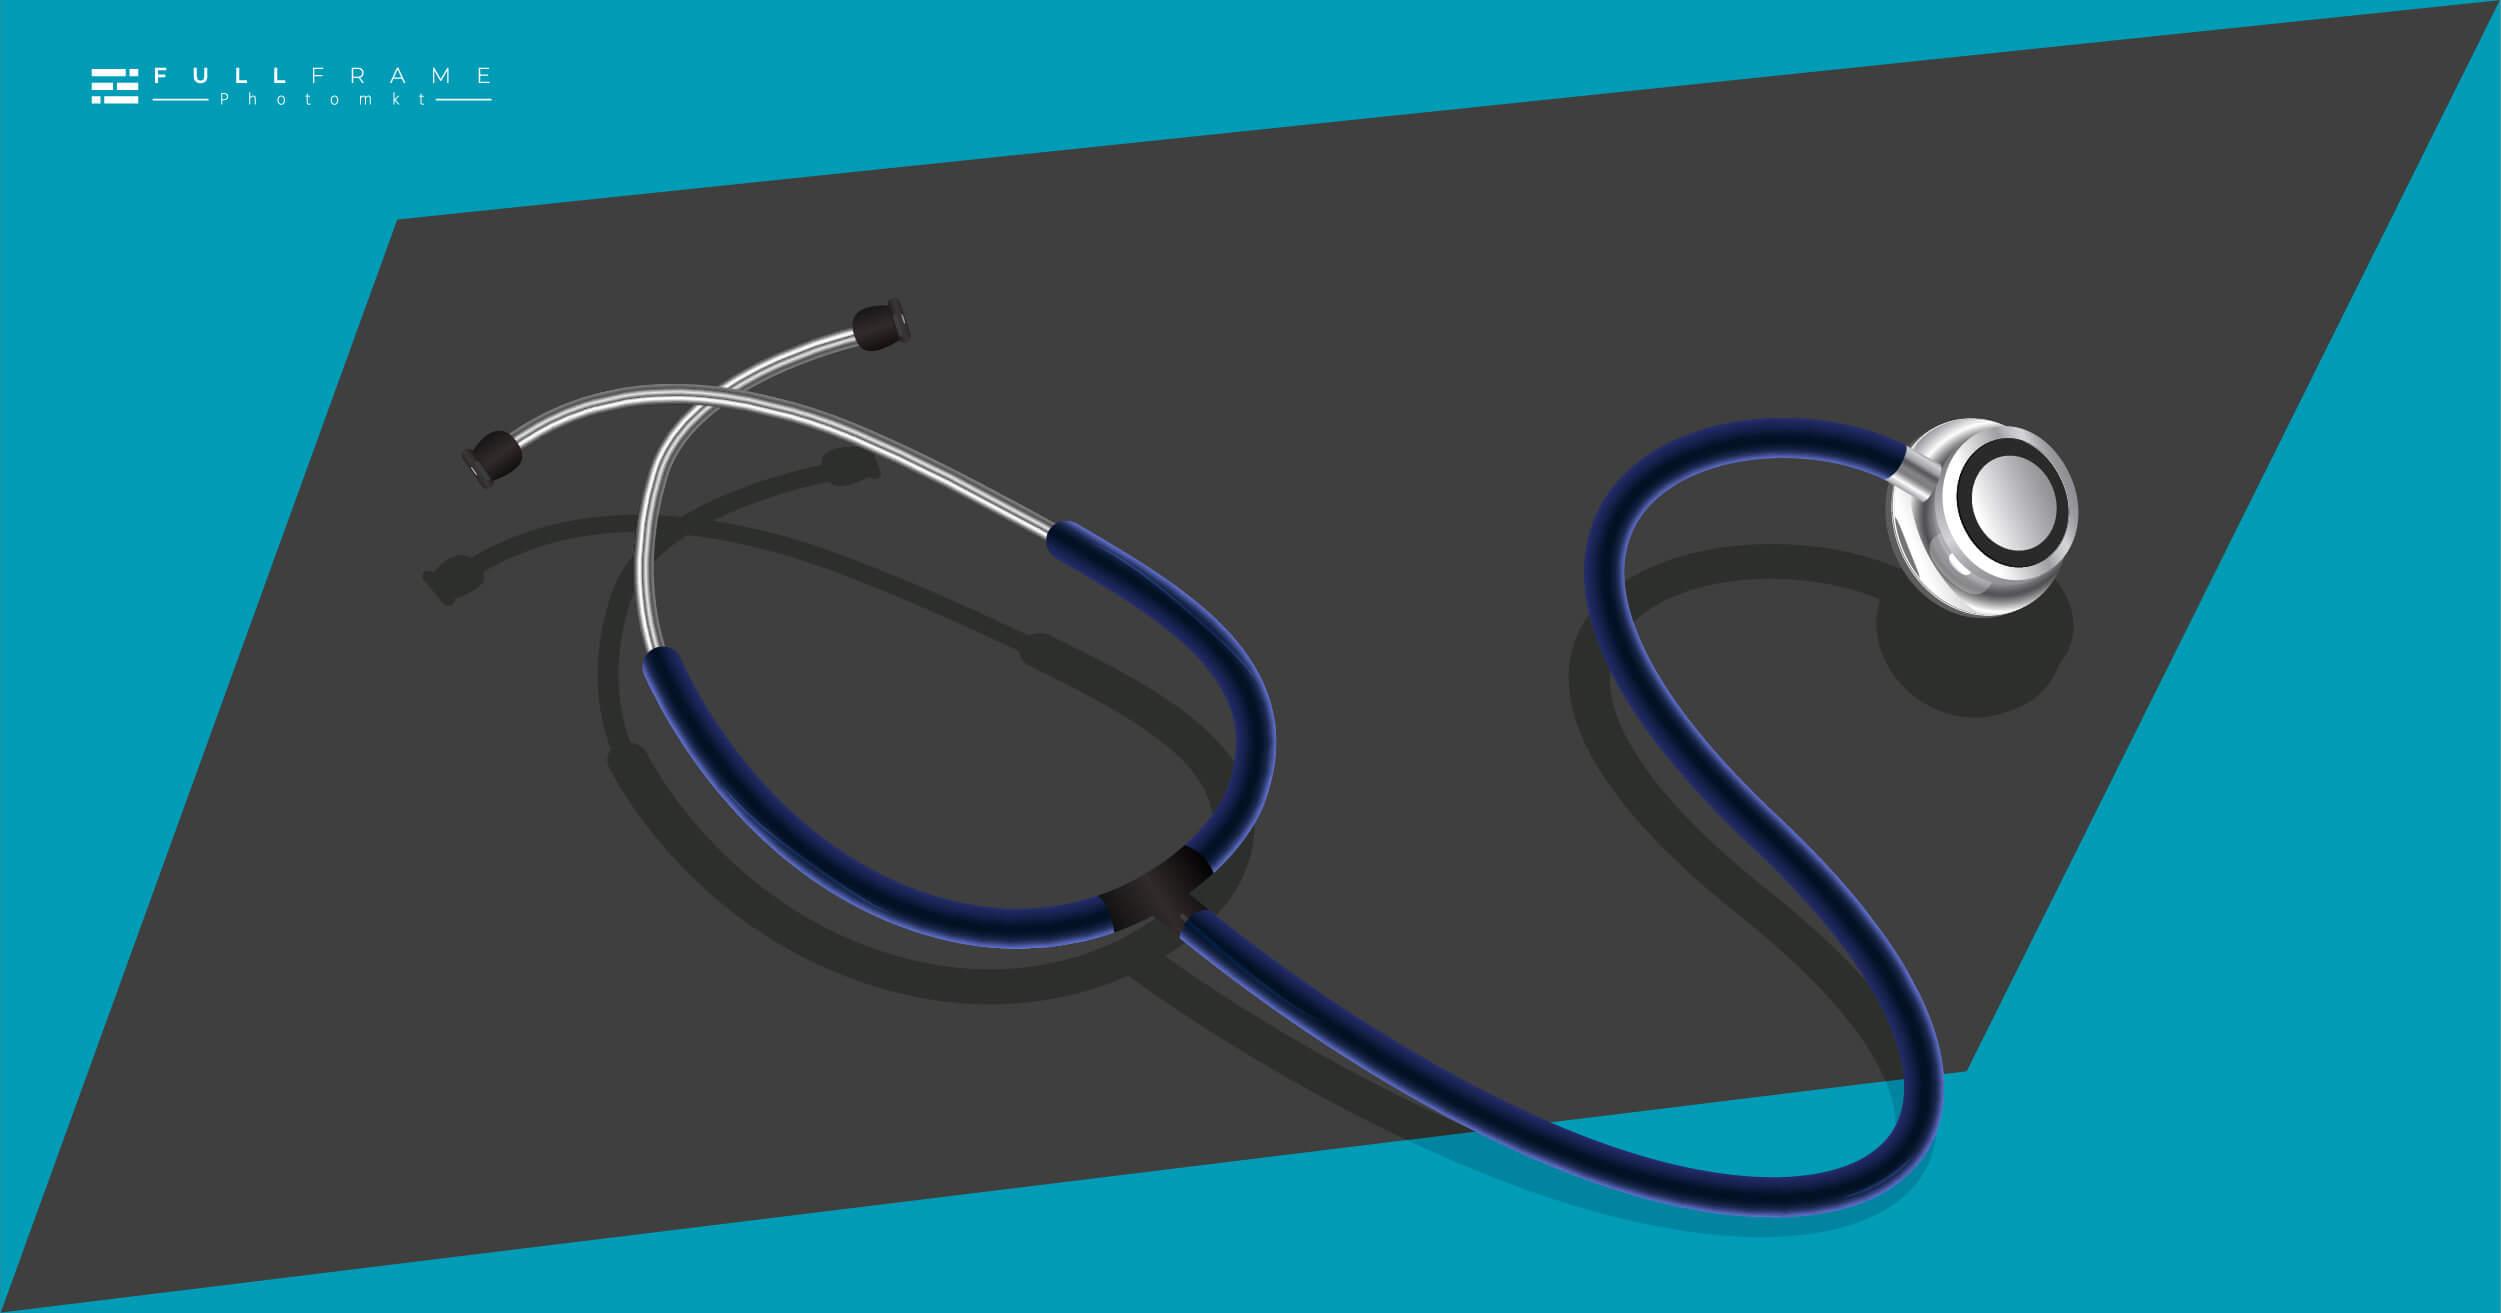 Blog-FullFrame-Photomkt-Mercadotecnia-Para-Doctores (4)